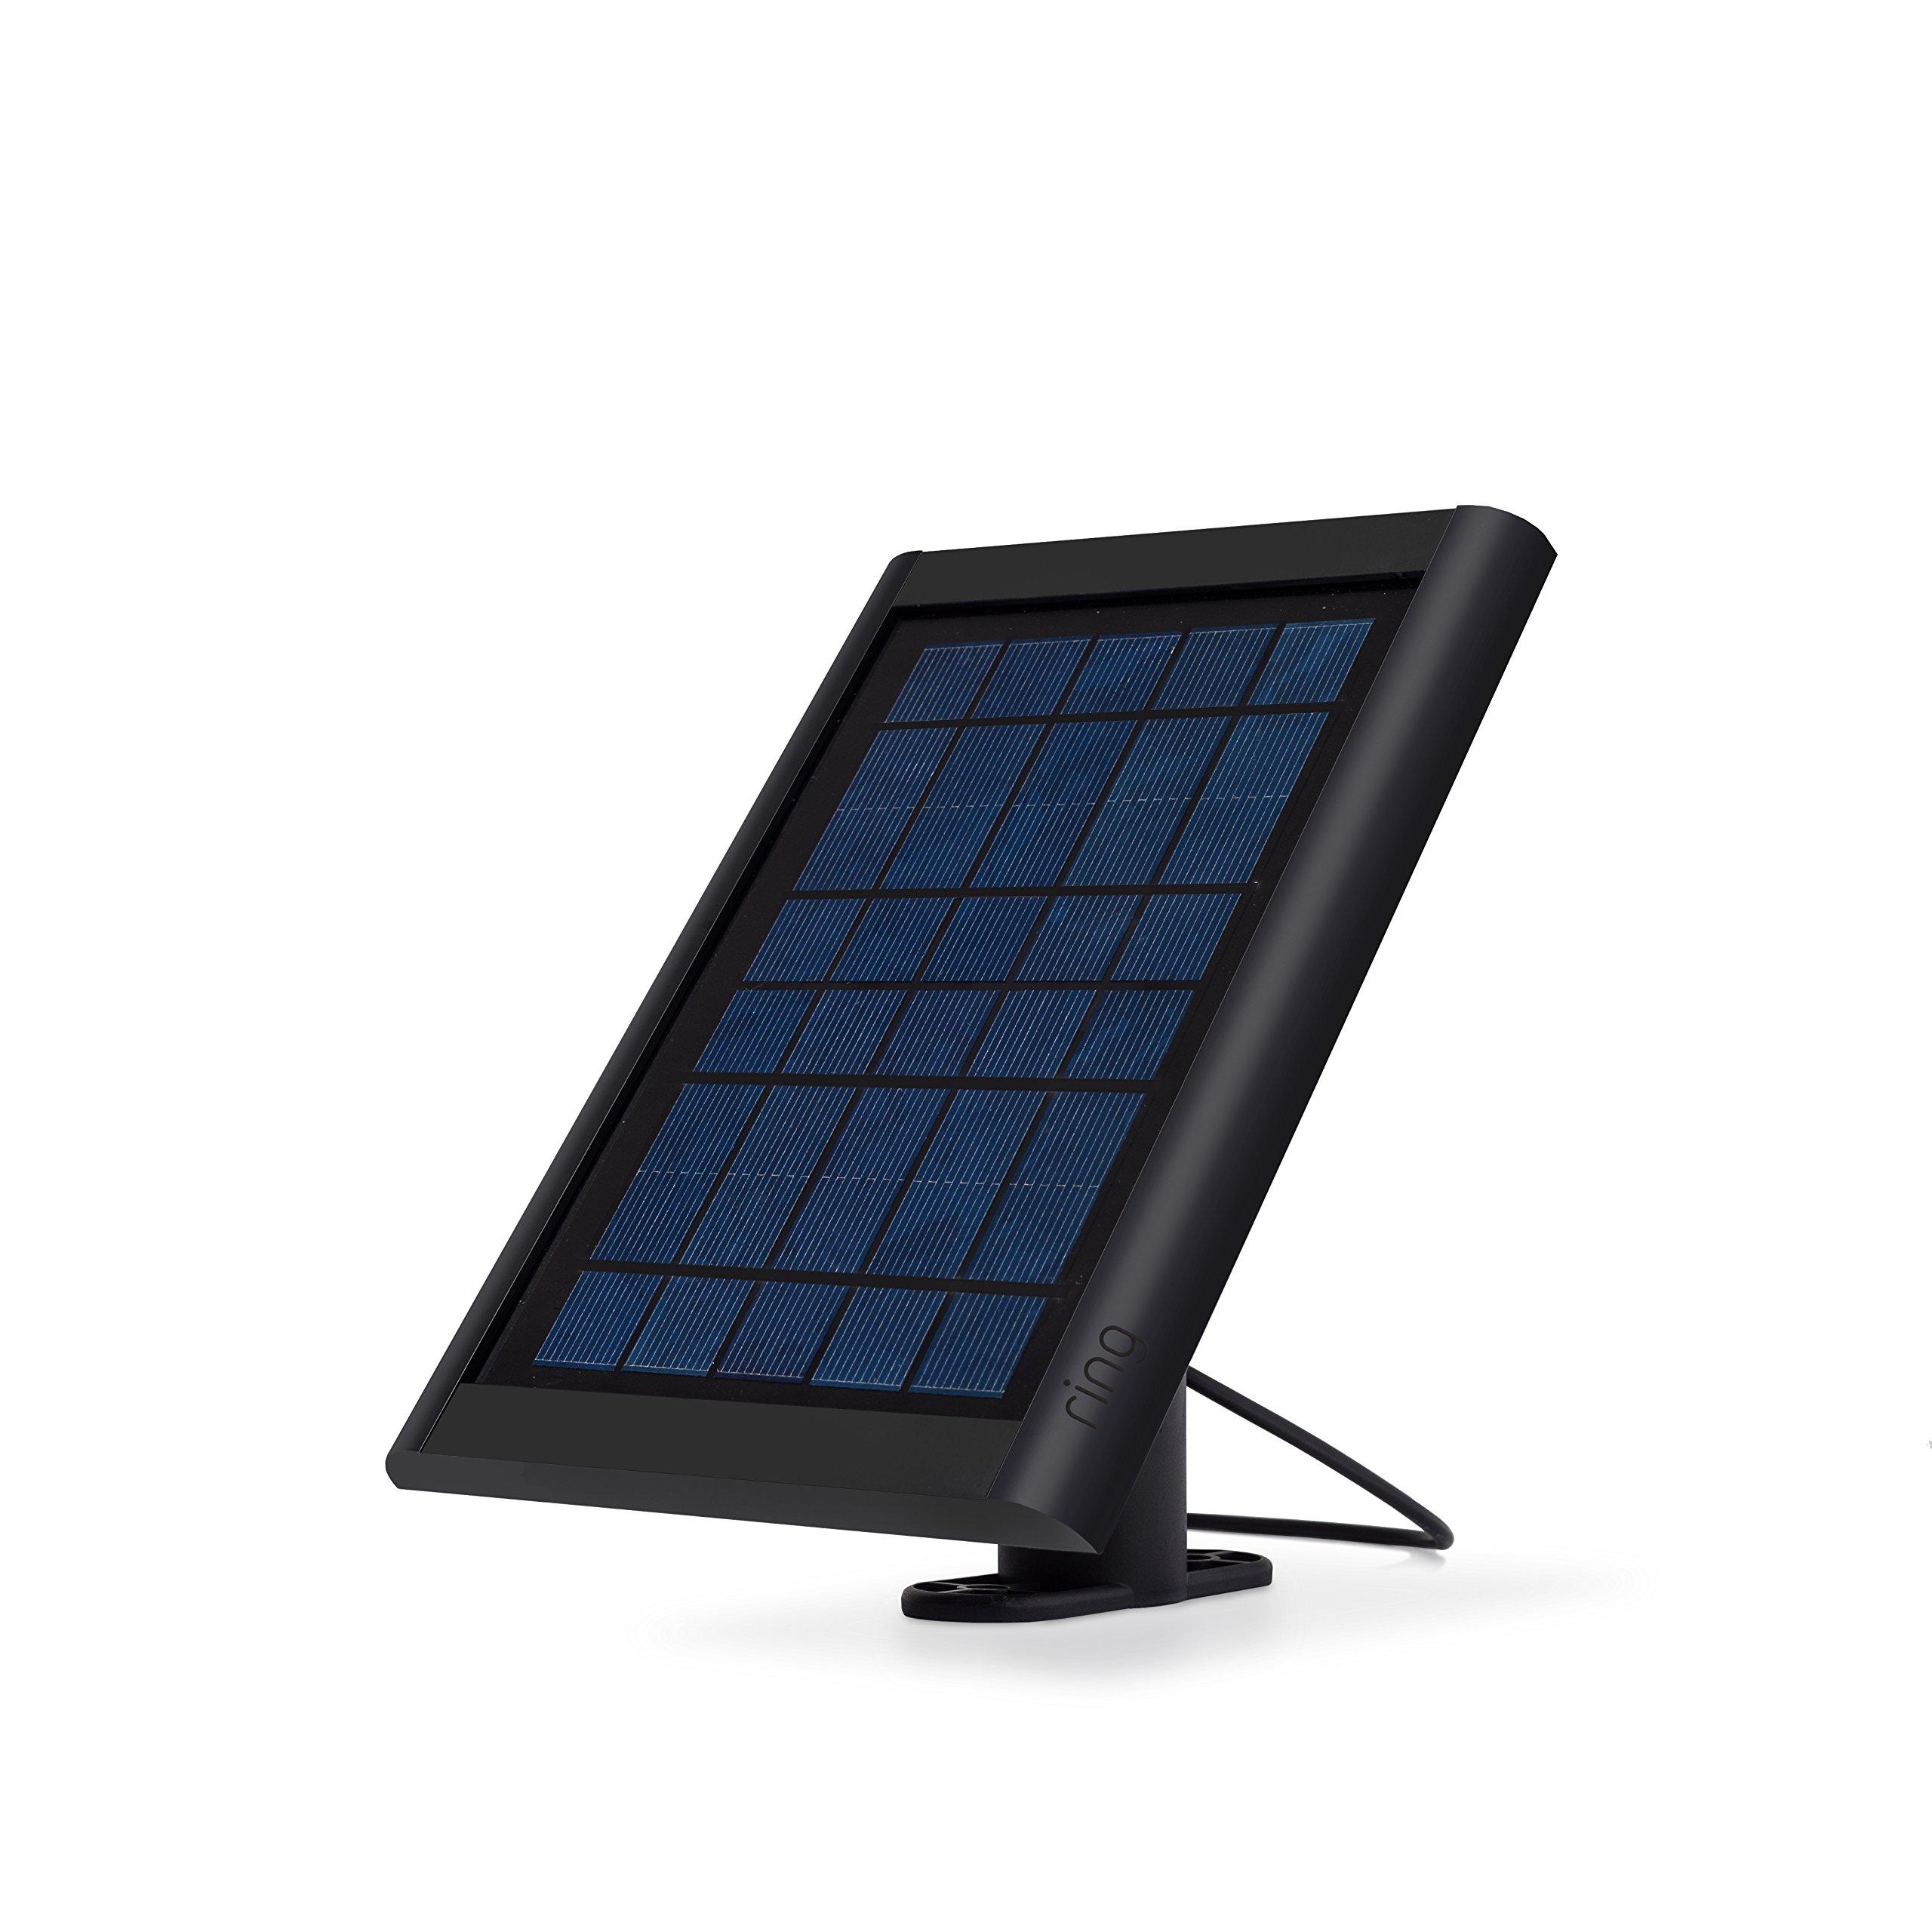 Ring 8ASPS7-BEN0 Solar Panel for Spotlight Cam Battery